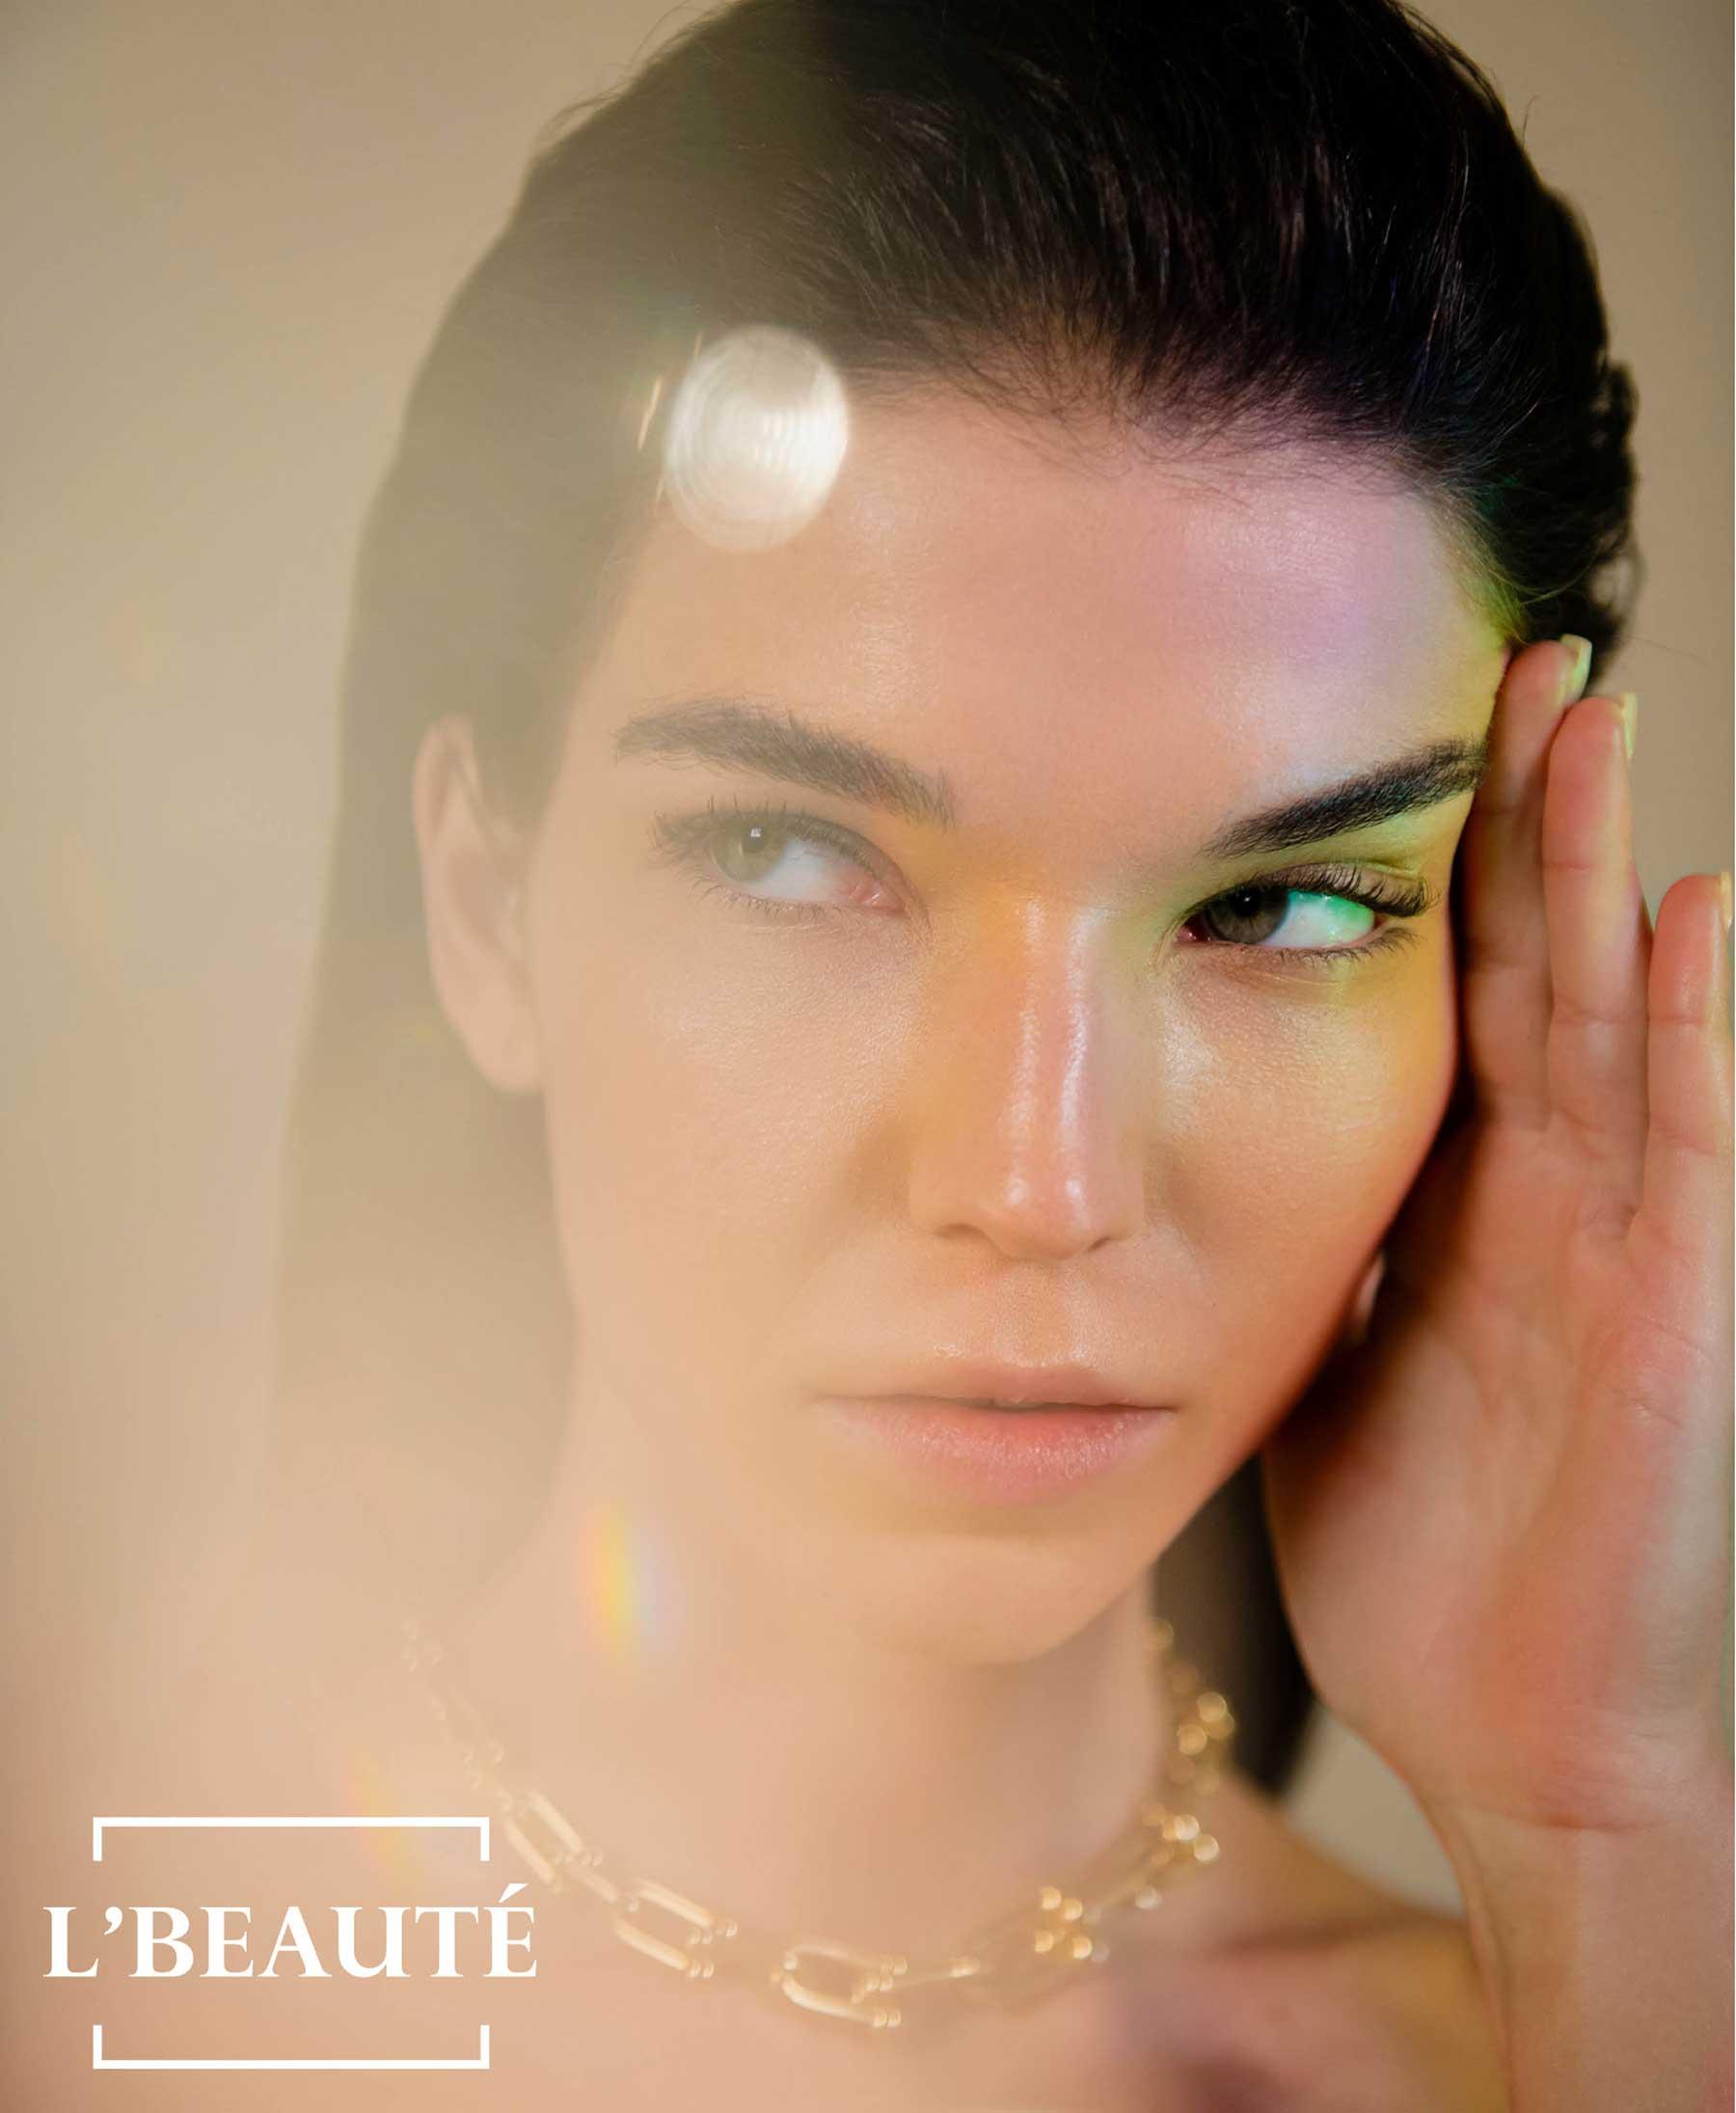 Givenchy-Prisme-Libre-x-L'Beauté-March-2021